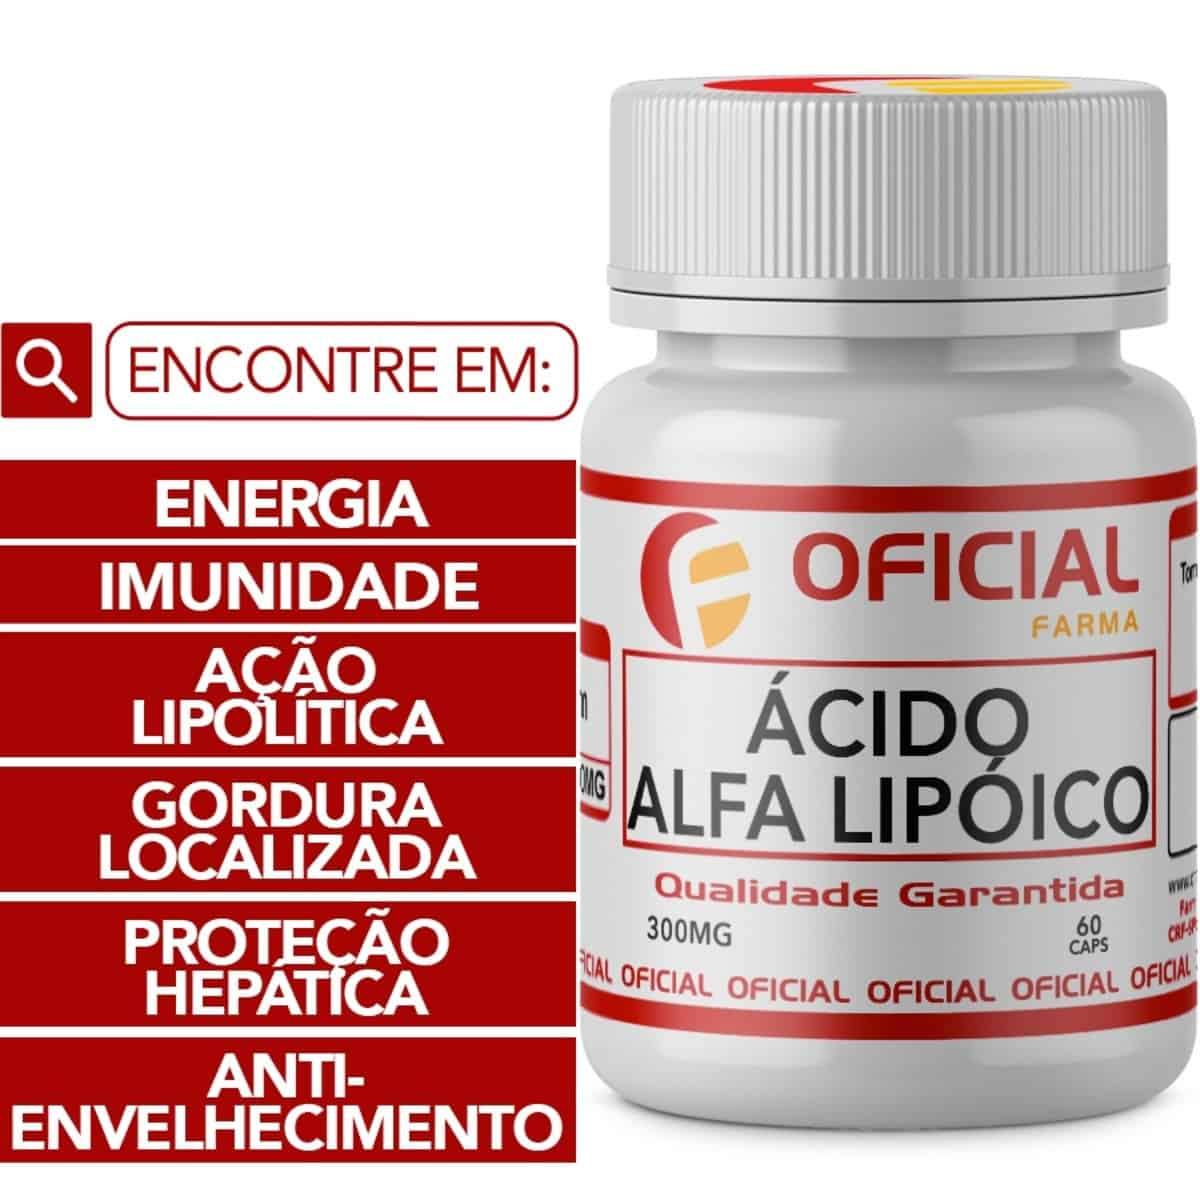 r el ácido alfa lipoico beneficia a la diabetes